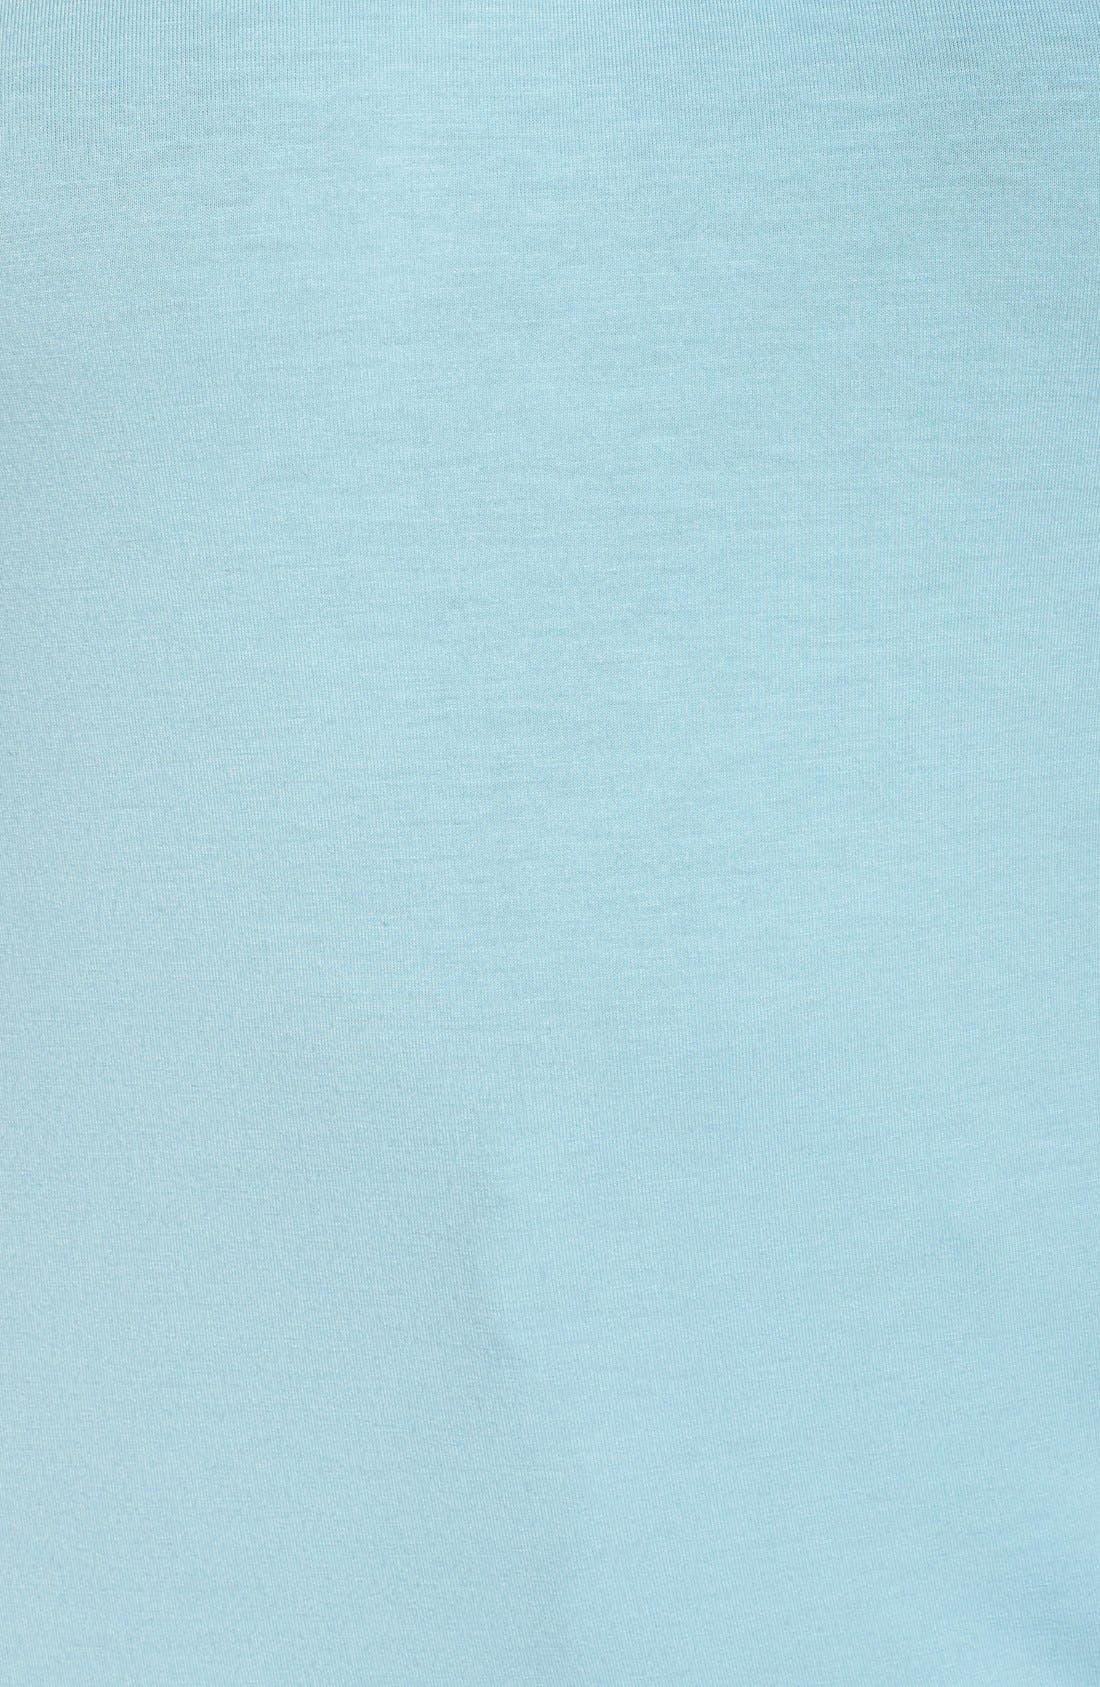 Sweetheart Neck Long Sleeve Tee,                             Alternate thumbnail 35, color,